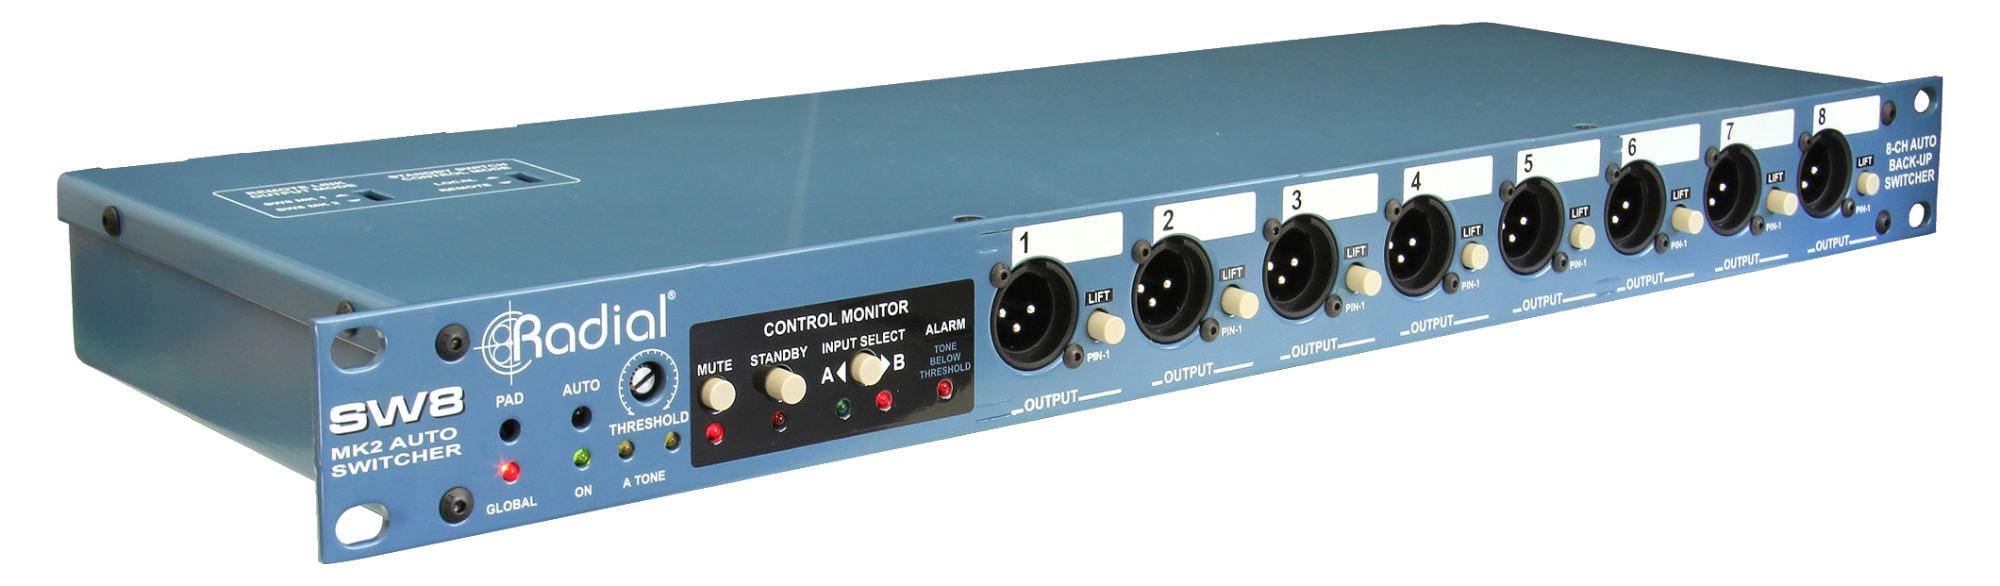 Diboxen - Radial Engineering SW8 - Onlineshop Musikhaus Kirstein